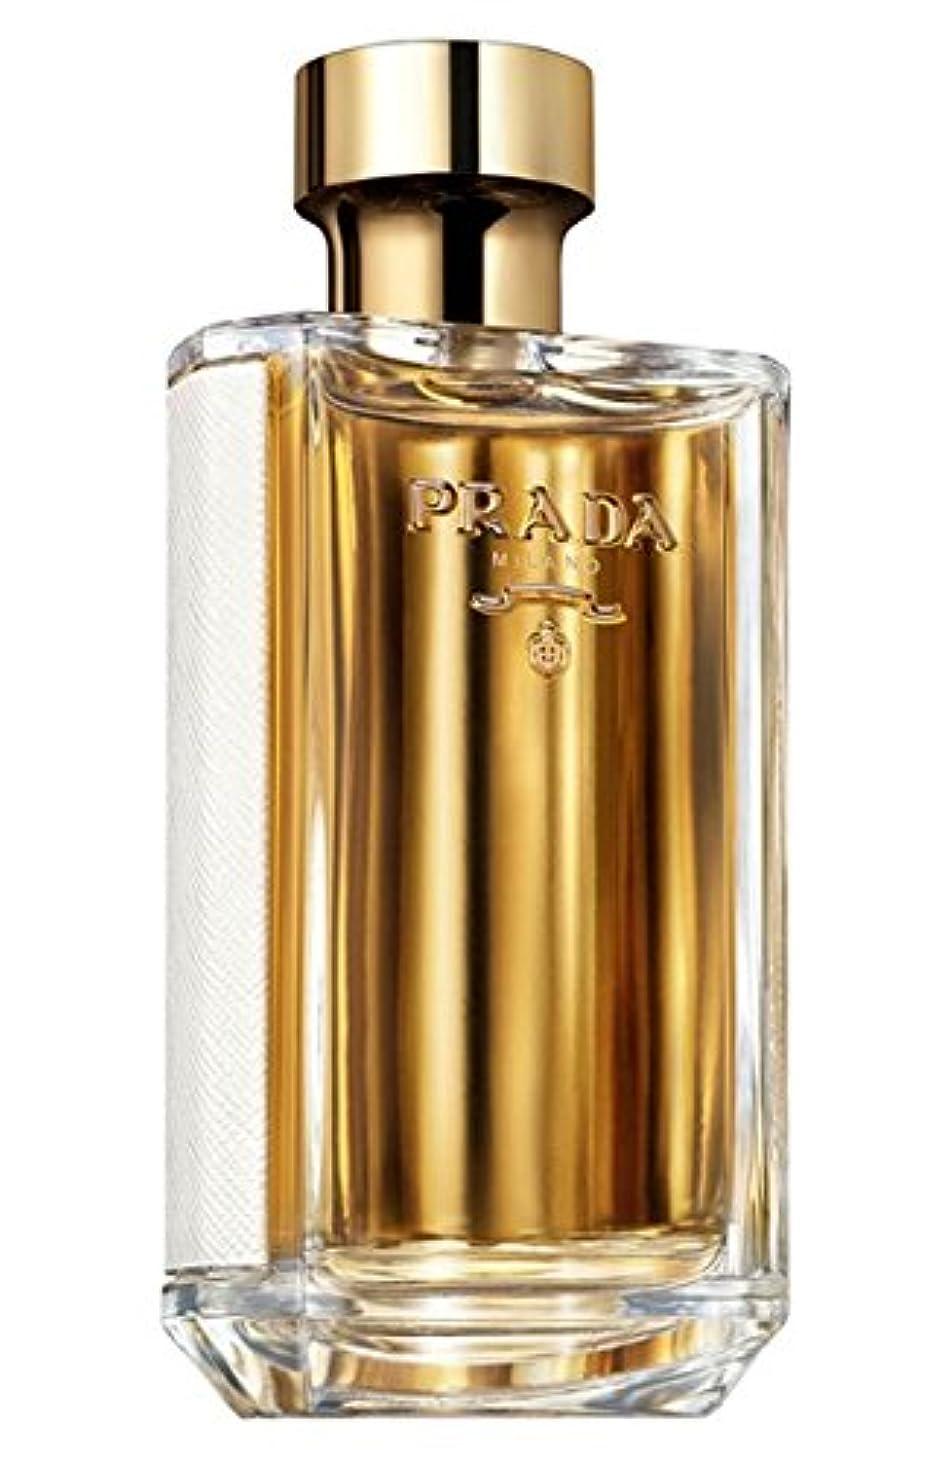 ランダムたくさんレーニン主義La Femme Prada (ラ フェム プラダ) 1.7 oz (50ml) EDP Spray for Women